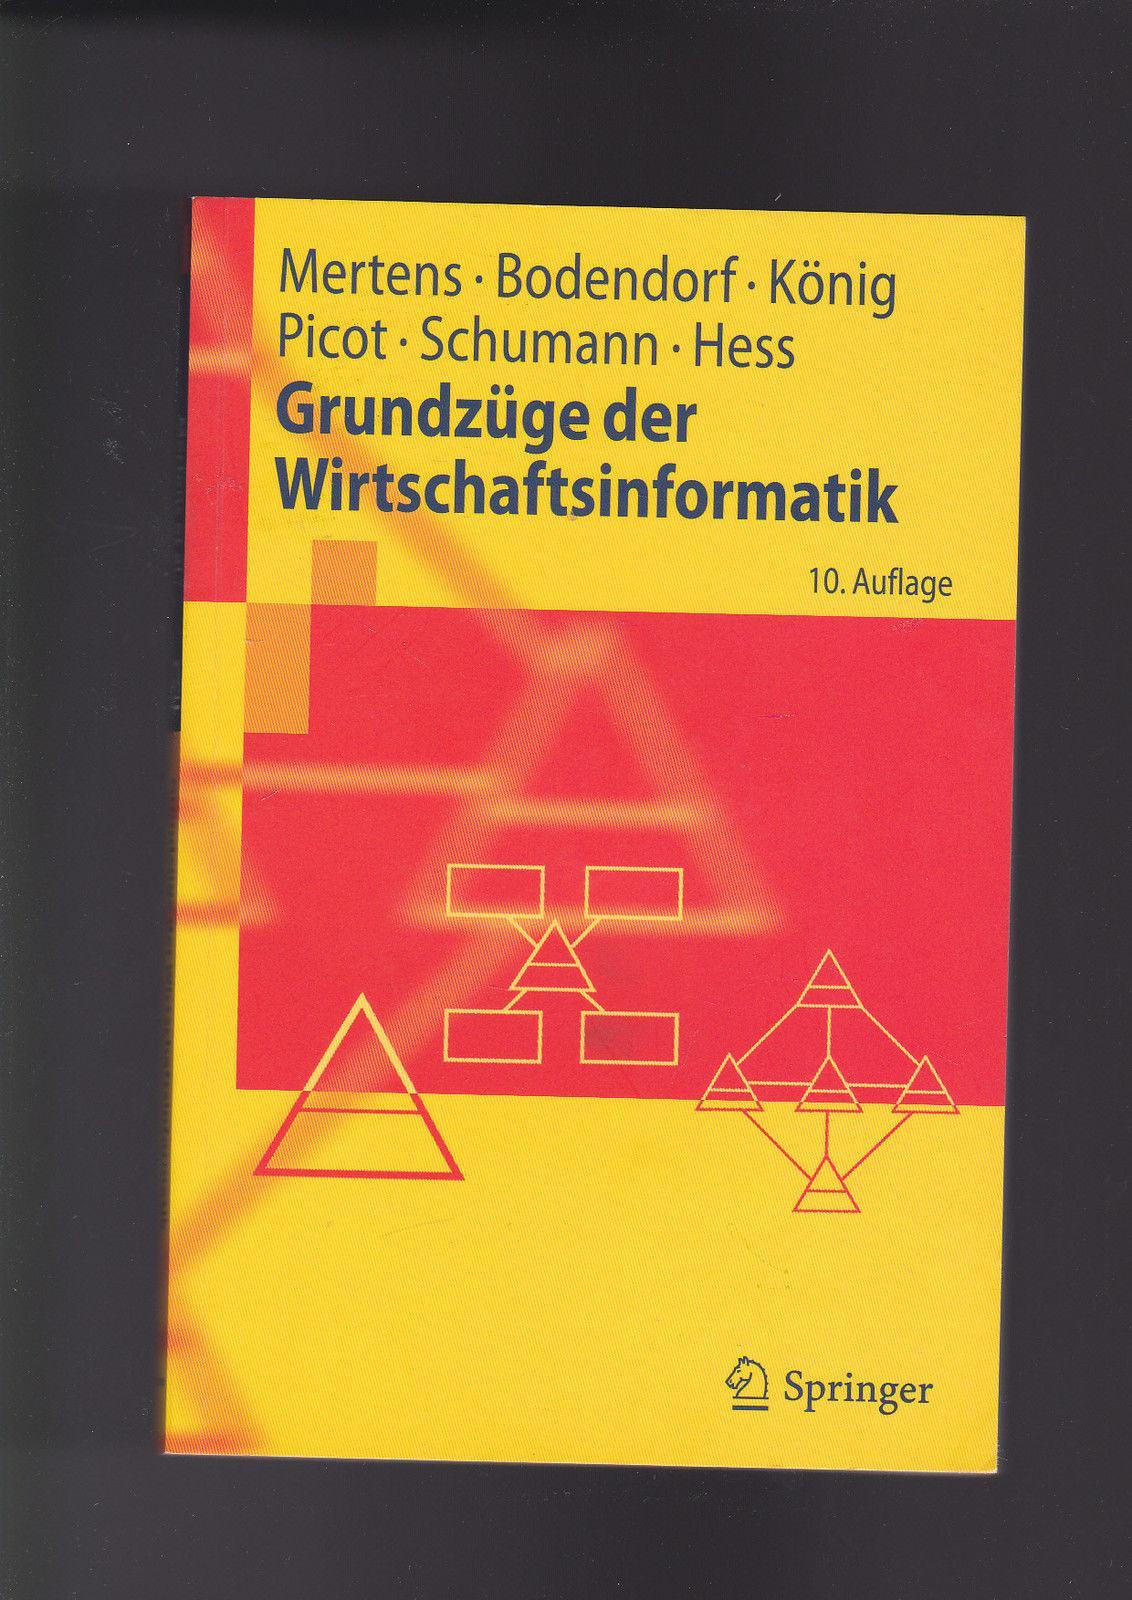 Mertens, Bodendorf, Picot u.a., Grundzüge der Wirtschaftsinformatik  10. Auflage - Mertens Bodendorf und  Picot